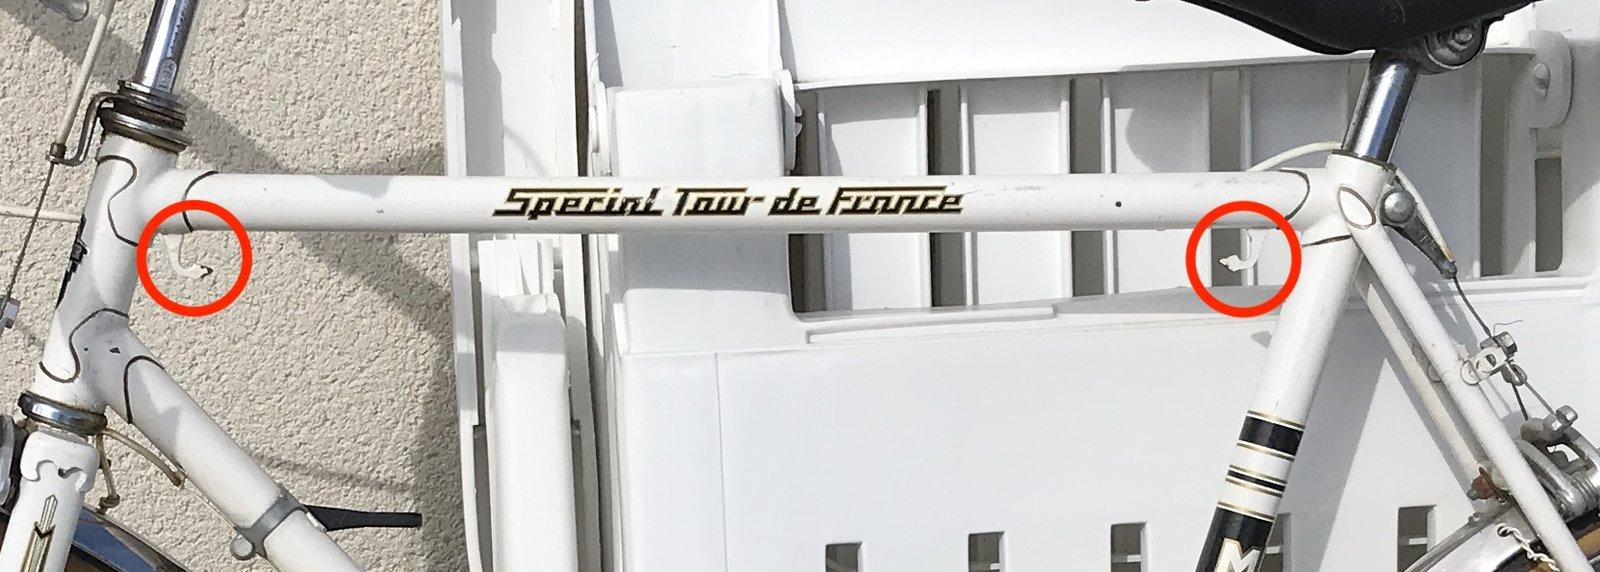 Demi-course Mercier + conseils achat de pièces 200829123321884660